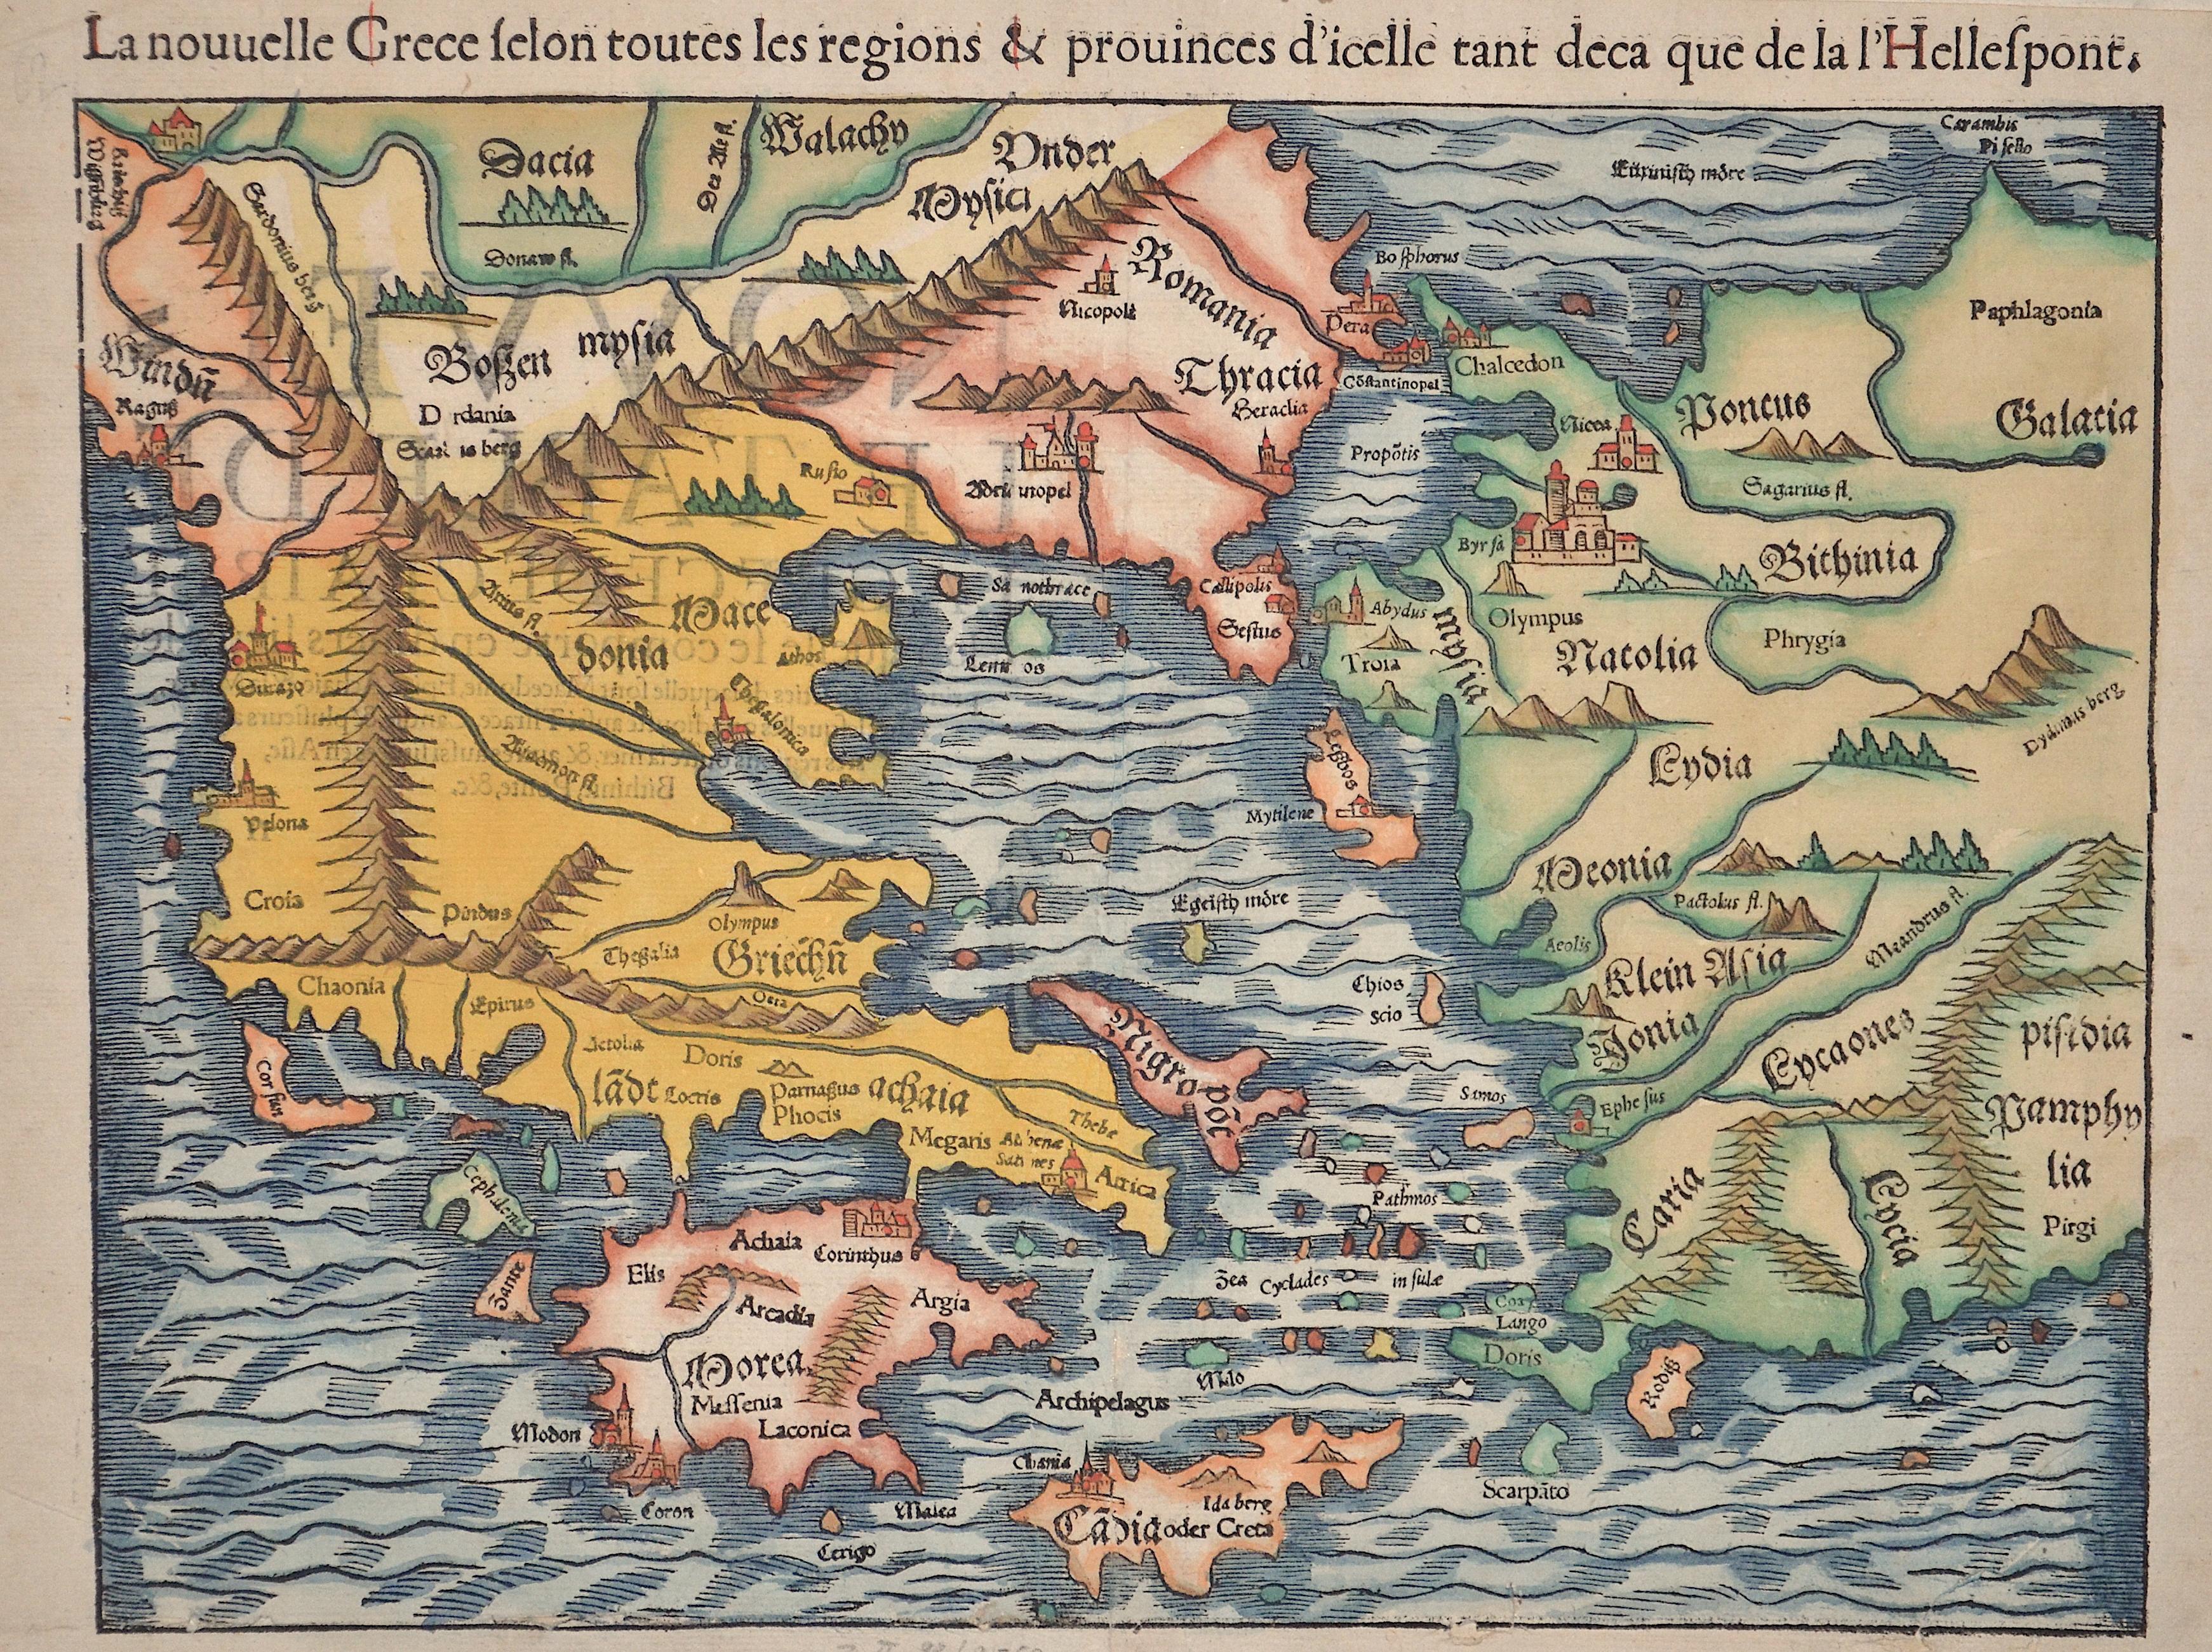 Ptolemy/Münster Sebastian Claudius La nouuelle Grece selon toutes les regions & prouinces d'icelle tant deca que de la l'Hellespont.